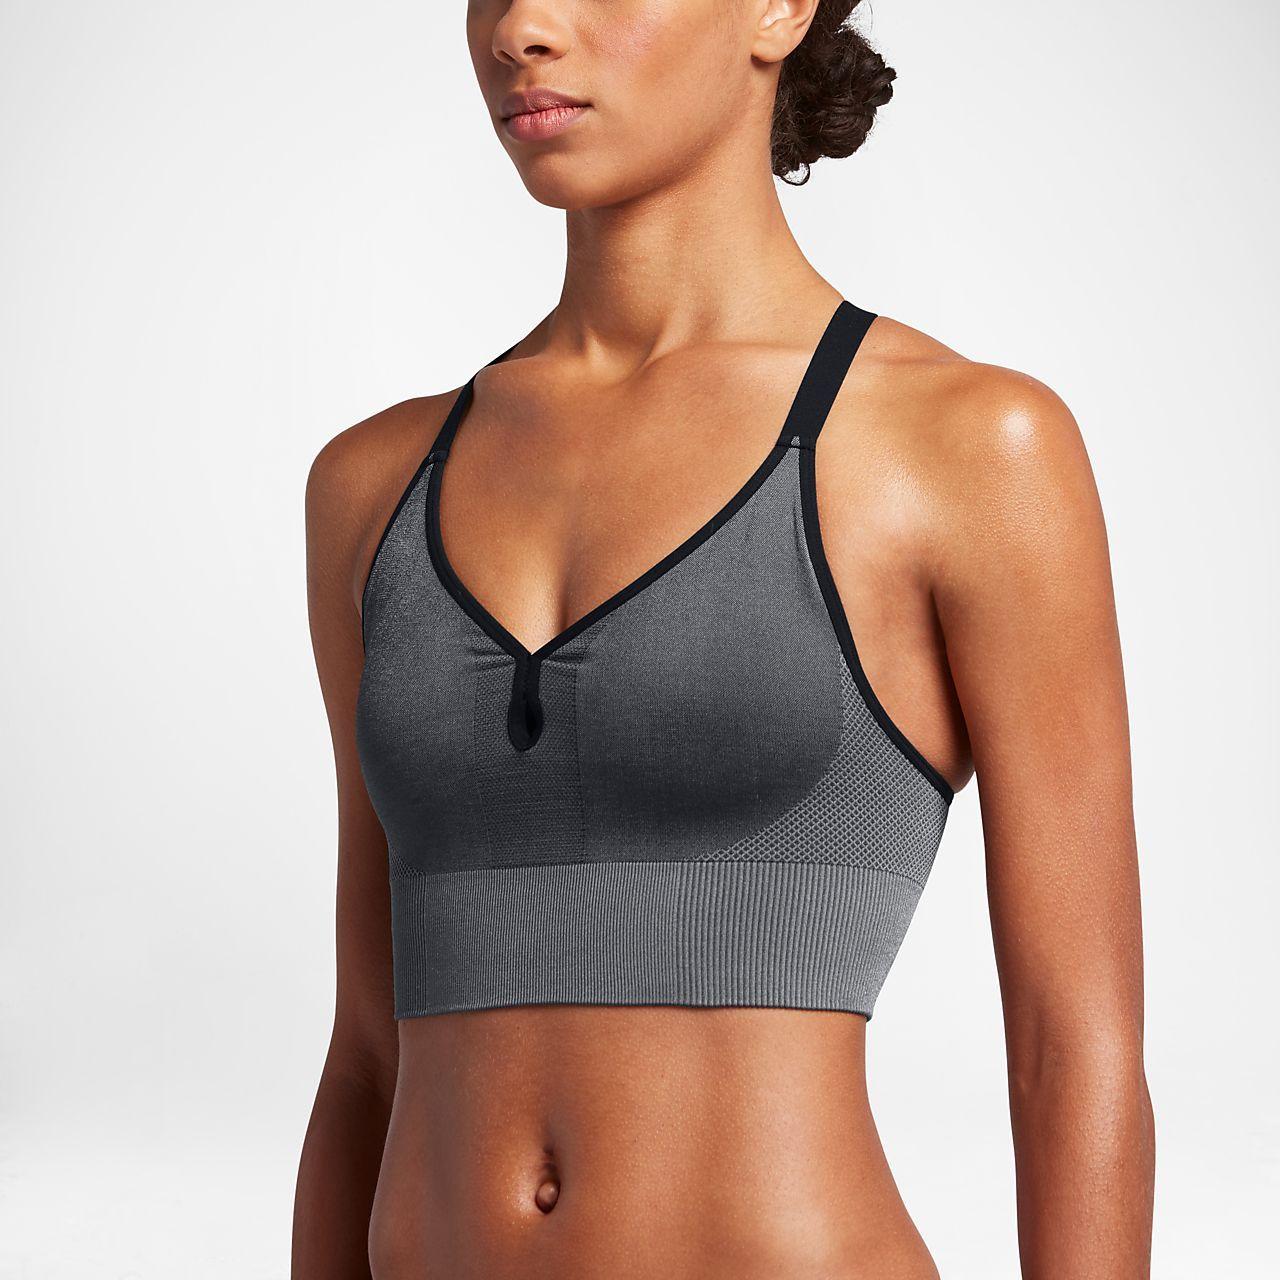 1c4ec1aa41 Nike Women s Seamless Light Support Sports Bralette